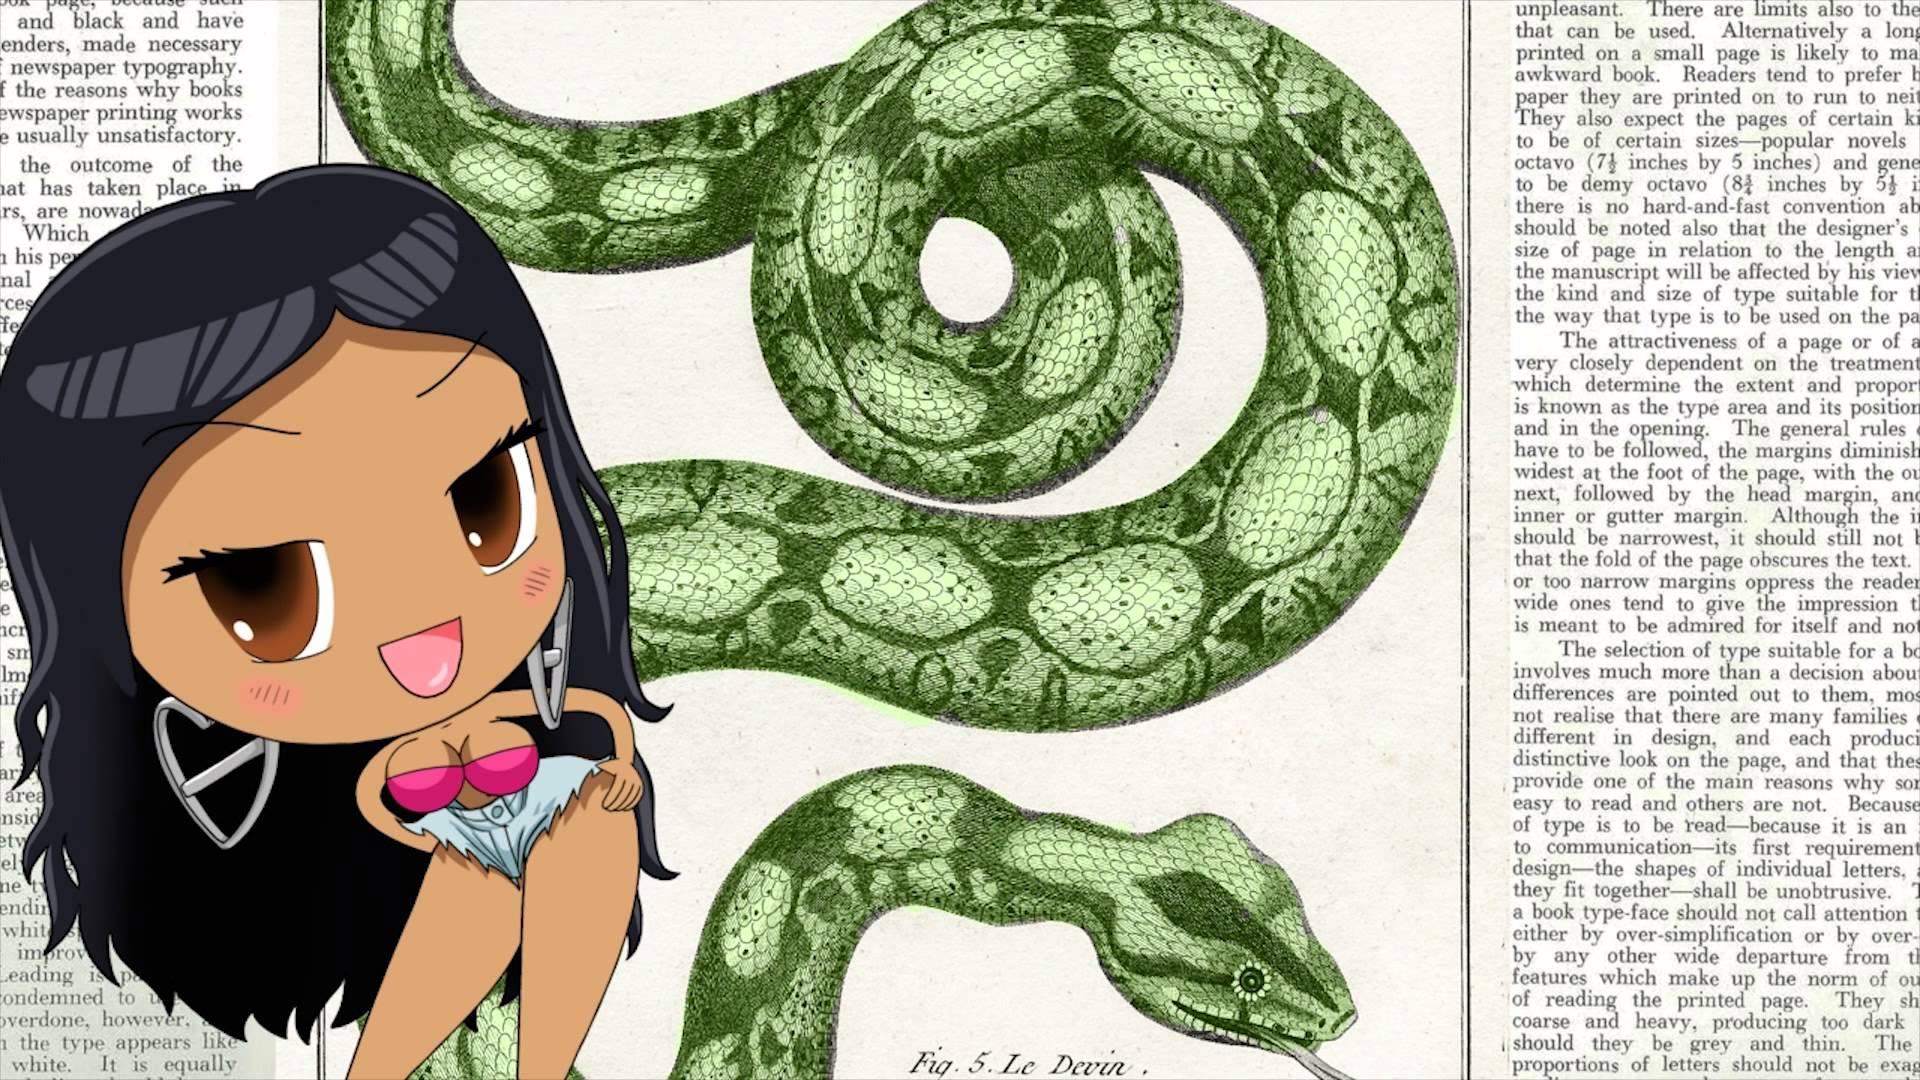 Anaconda - The Educational Version (Nicki Minaj Parody)